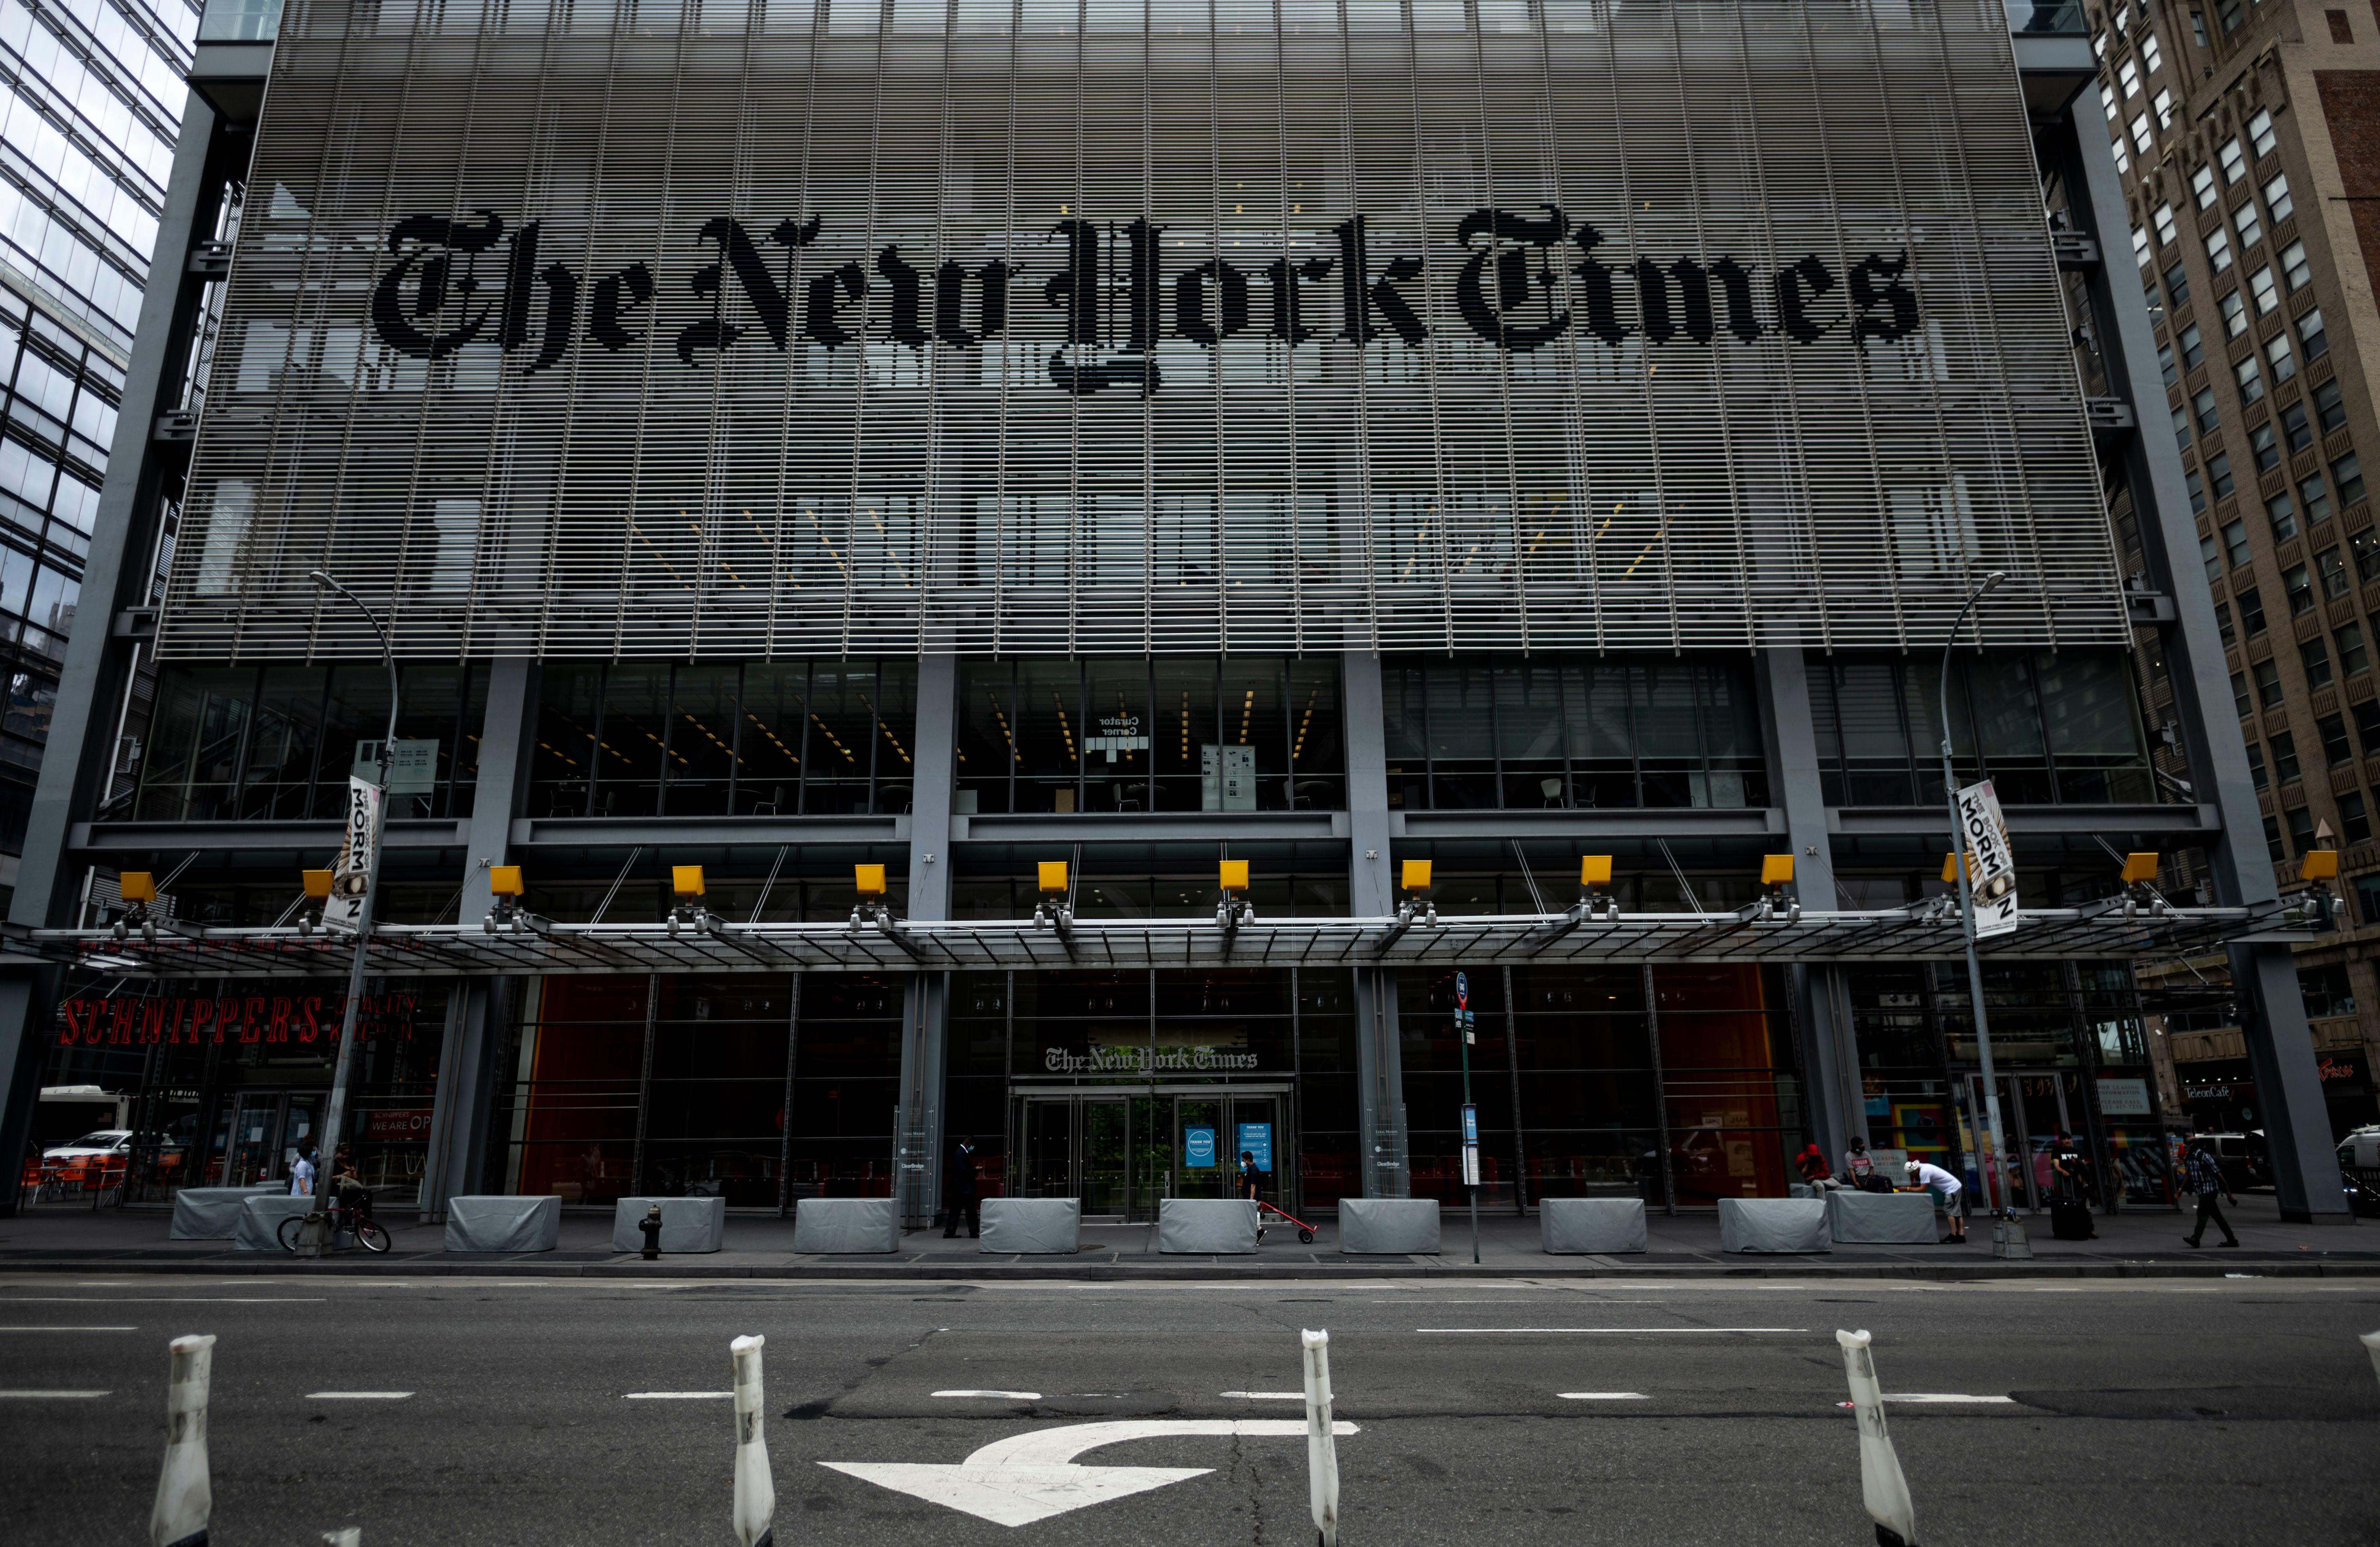 程曉農:《紐約時報》《華爾街日報》文章何其謬